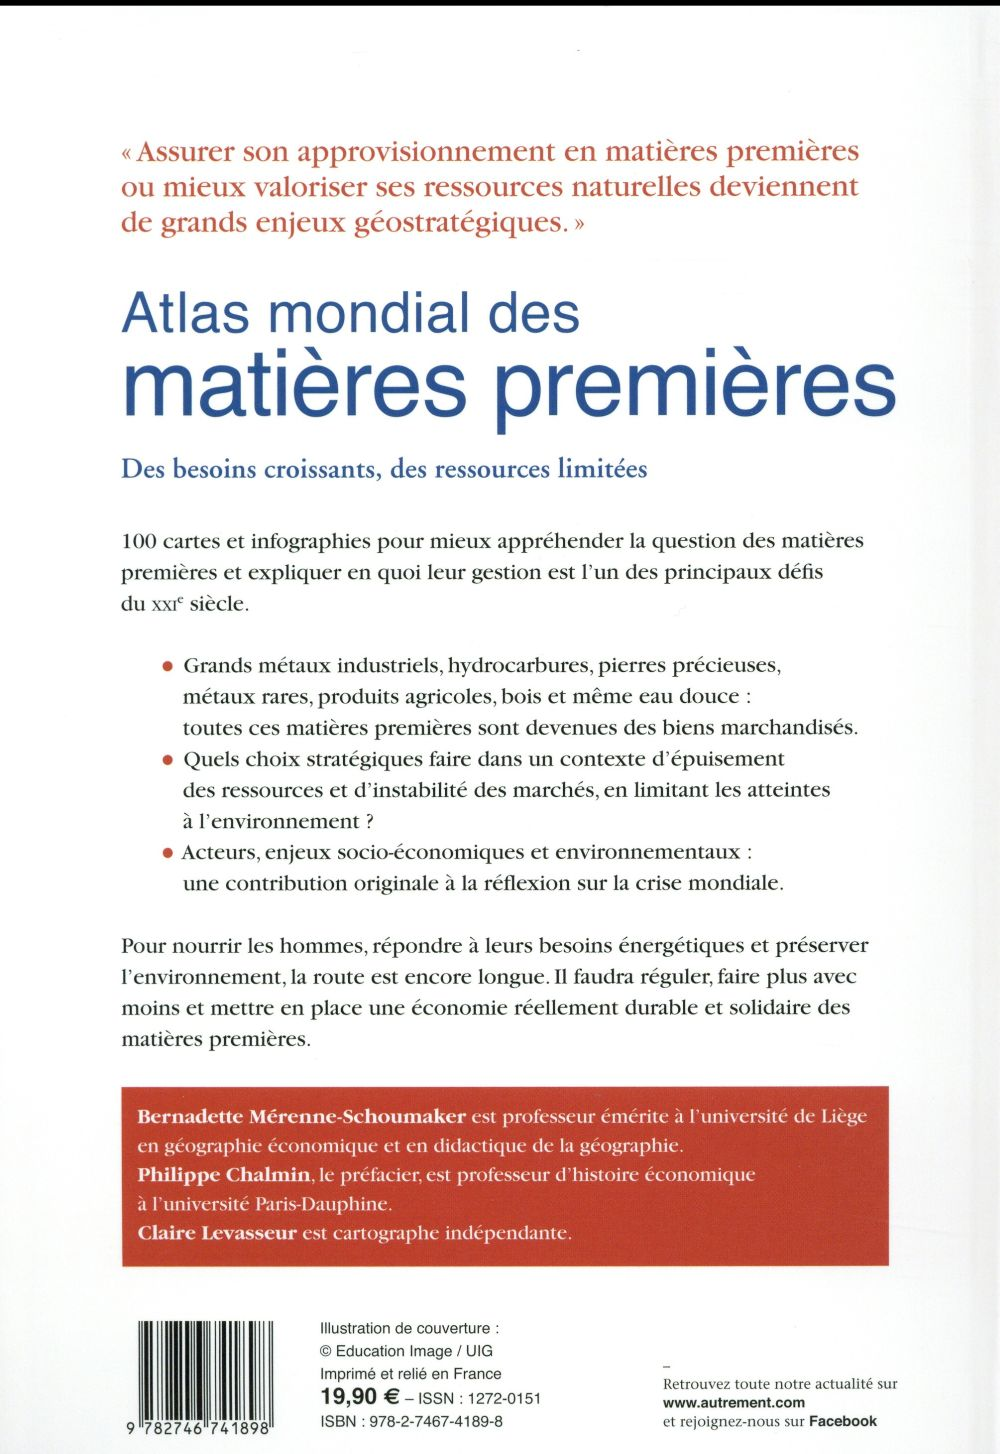 Atlas mondial des matières premières ; des besoins croissants, des ressources limitées